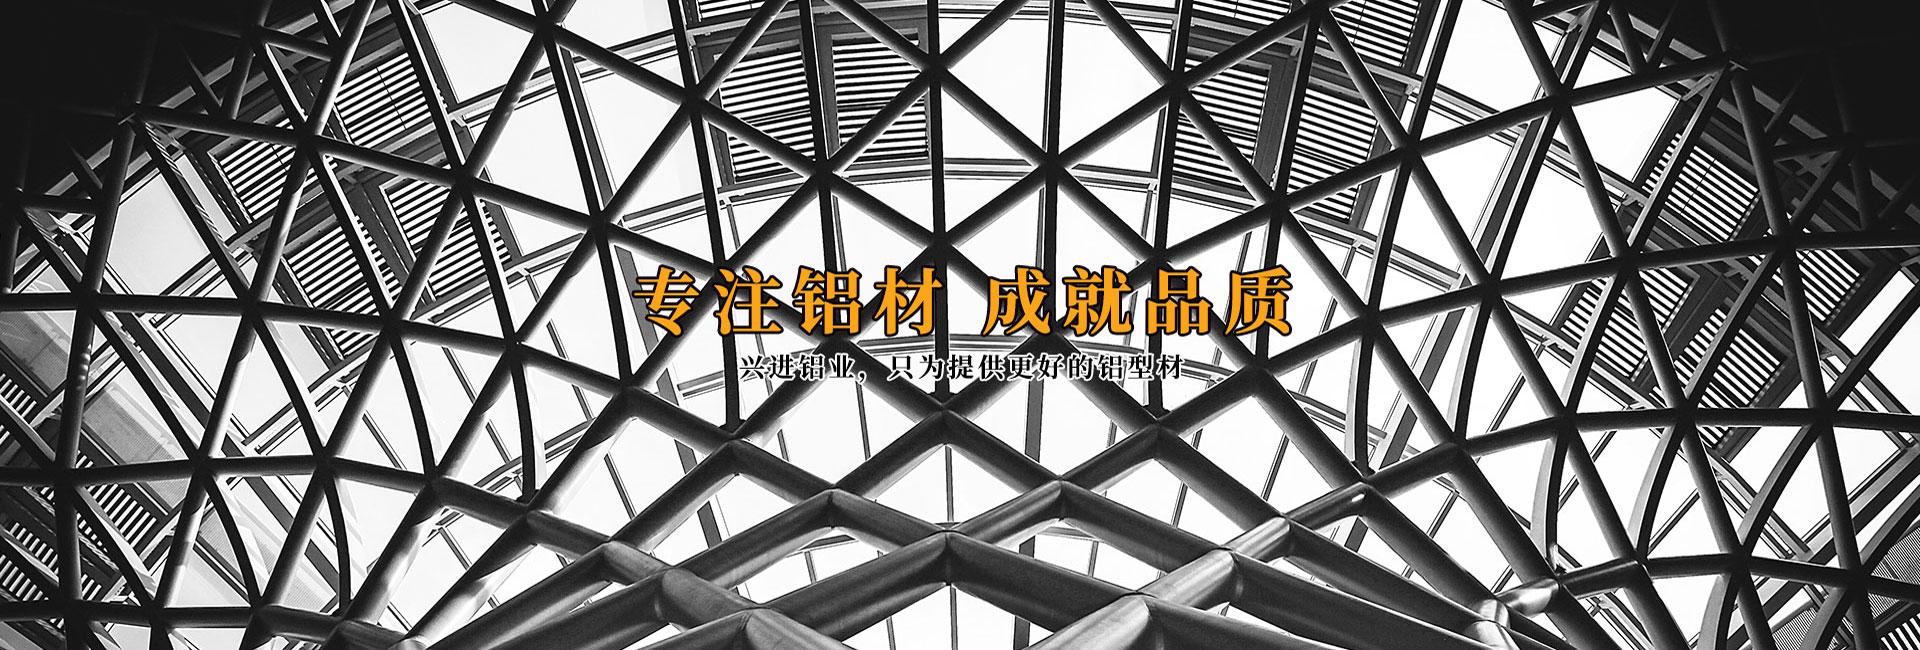 湖北铝型材厂家,湖北建筑铝型材厂家,湖北木纹铝型材厂家,湖北工业铝型材厂家